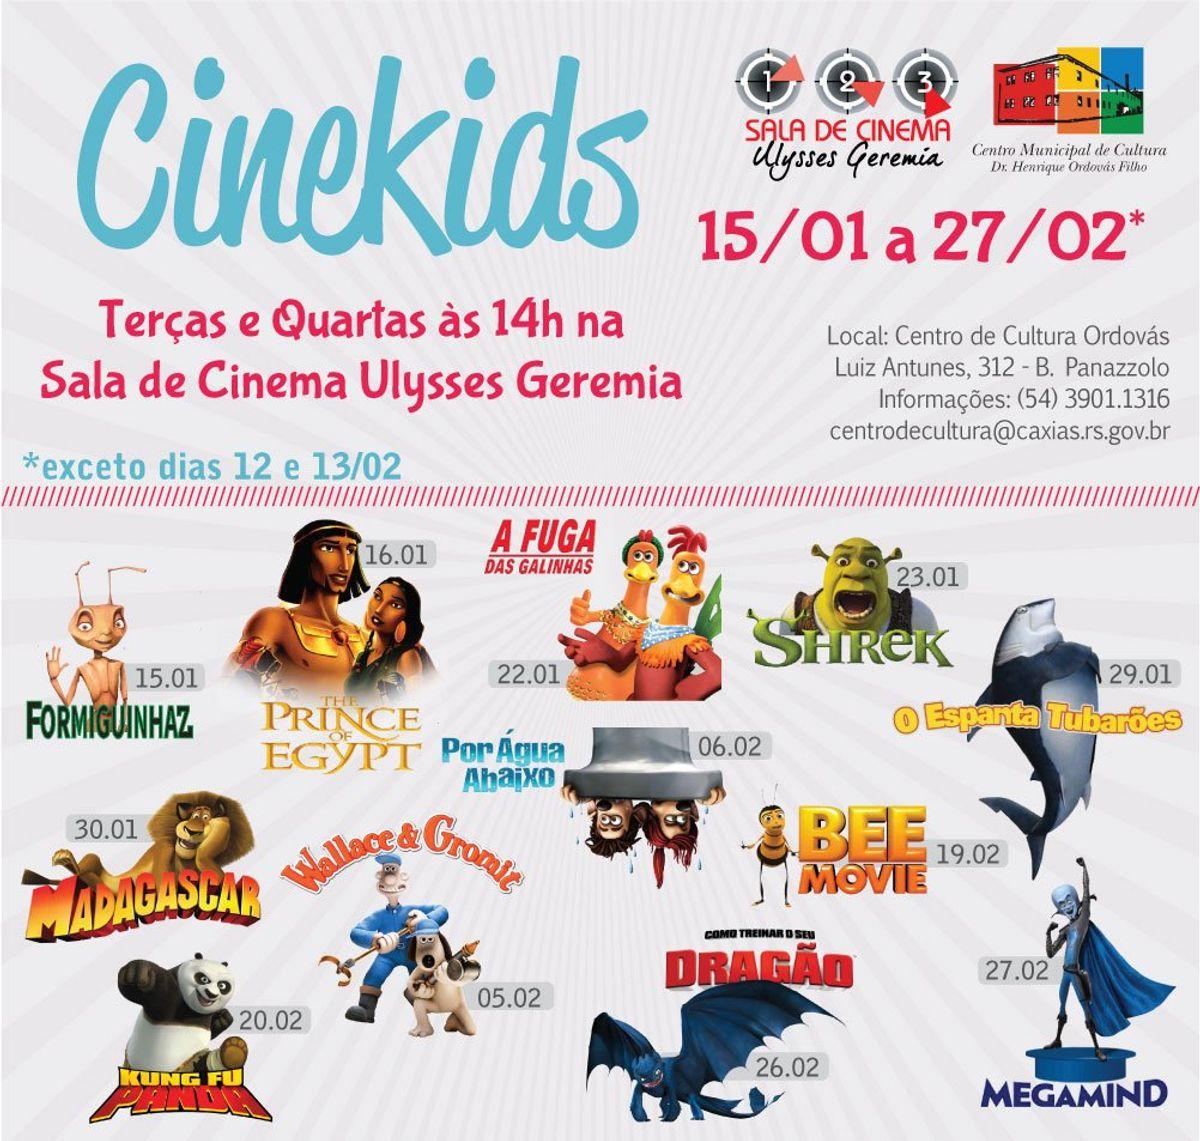 CineKids: confira os filmes em cartaz em fevereiro